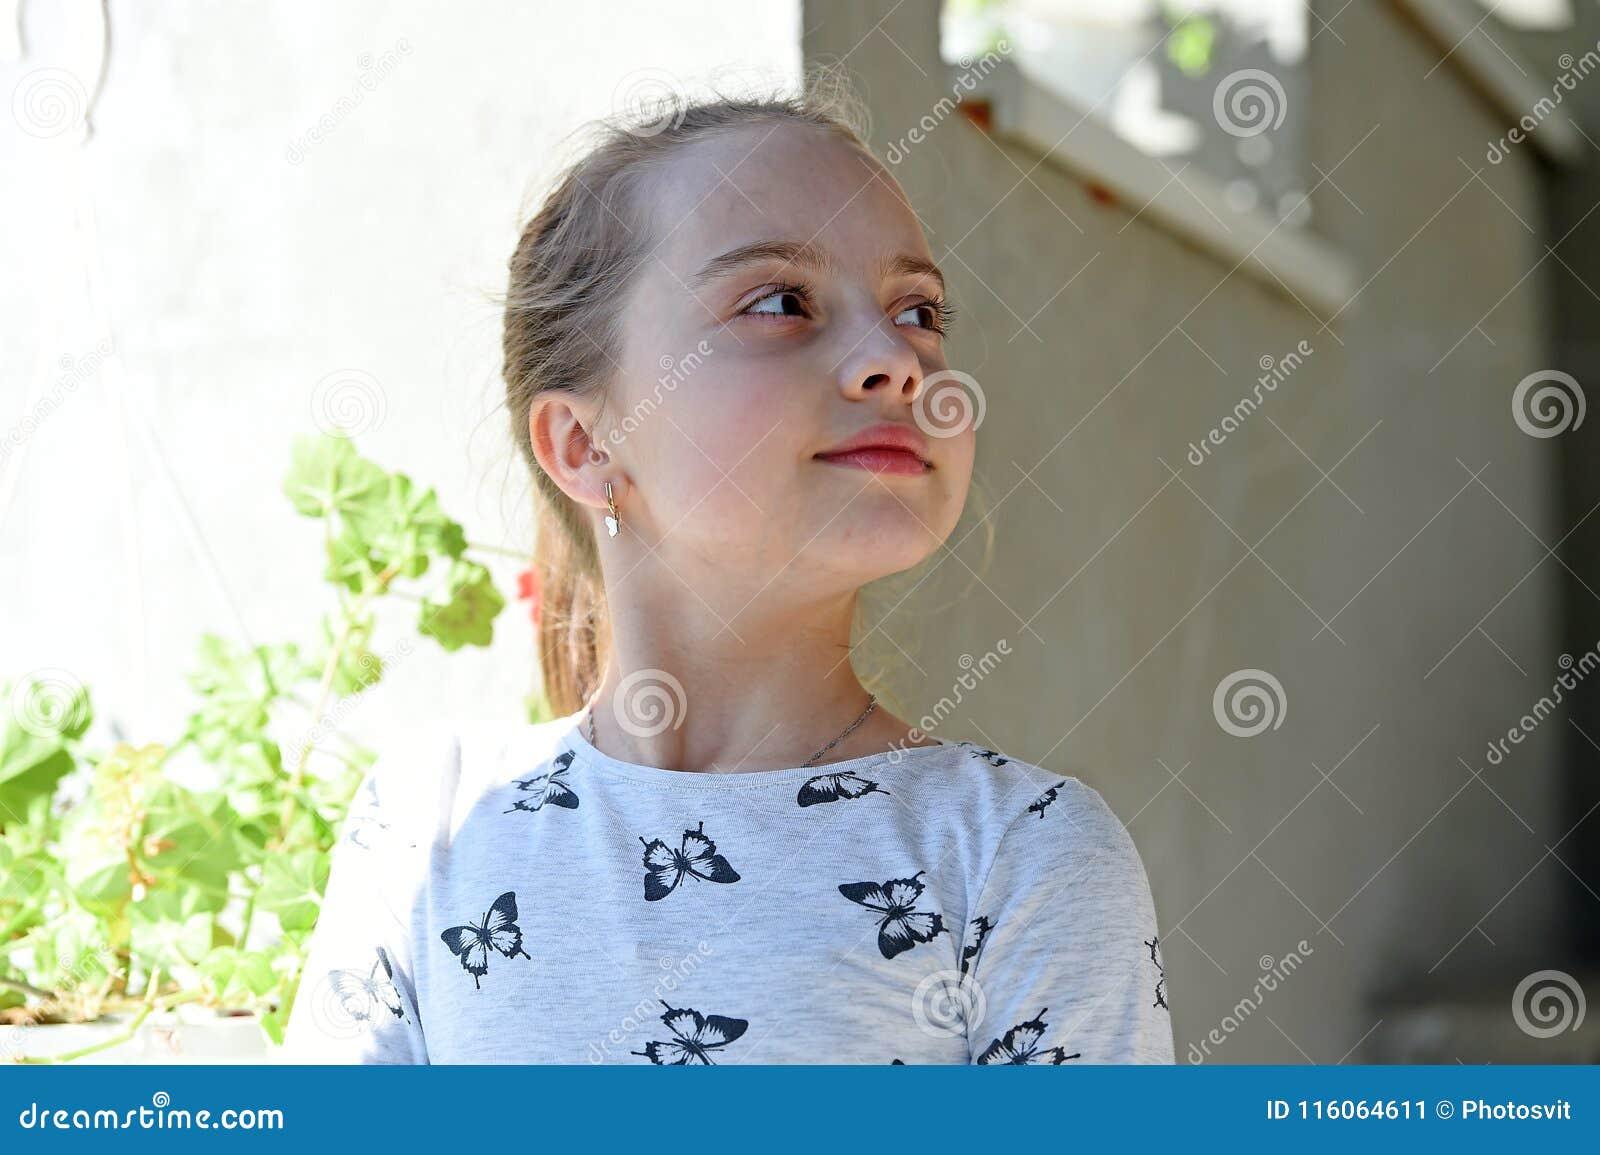 Dzieciństwo i świeżość Mała dziewczynka z młodą skórą na wiośnie lub letnim dniu Dziecko z śliczną twarzą plenerową Piękno dzieci